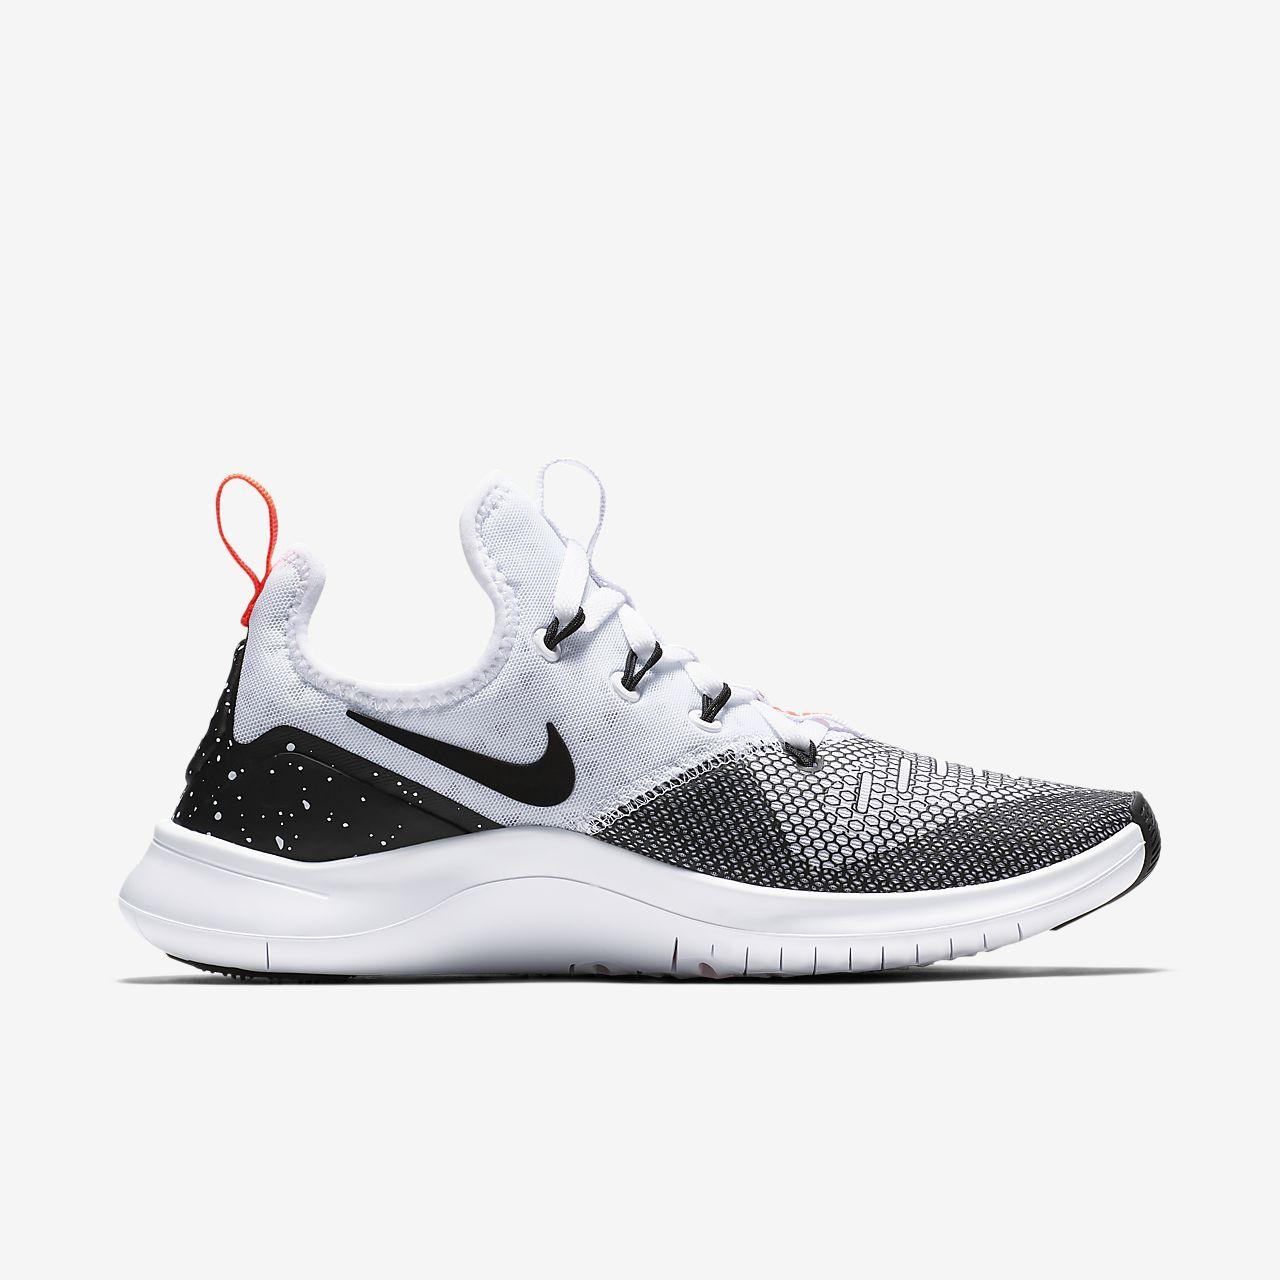 ... Nike Free TR8 Women's Training Shoe